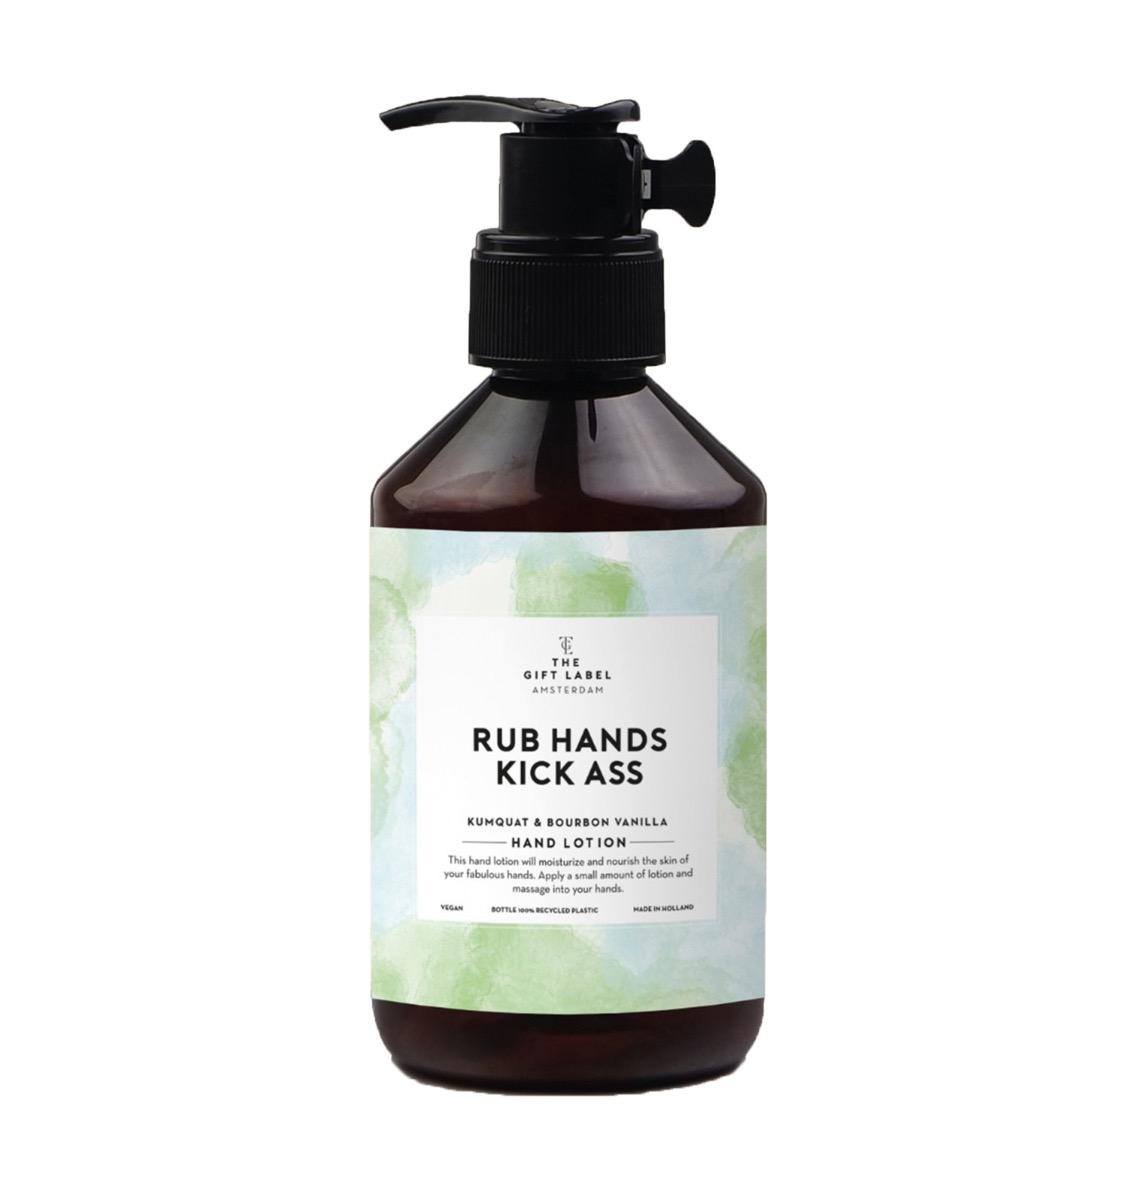 Rub Hands Kick Ass - Hand Lotion/Green